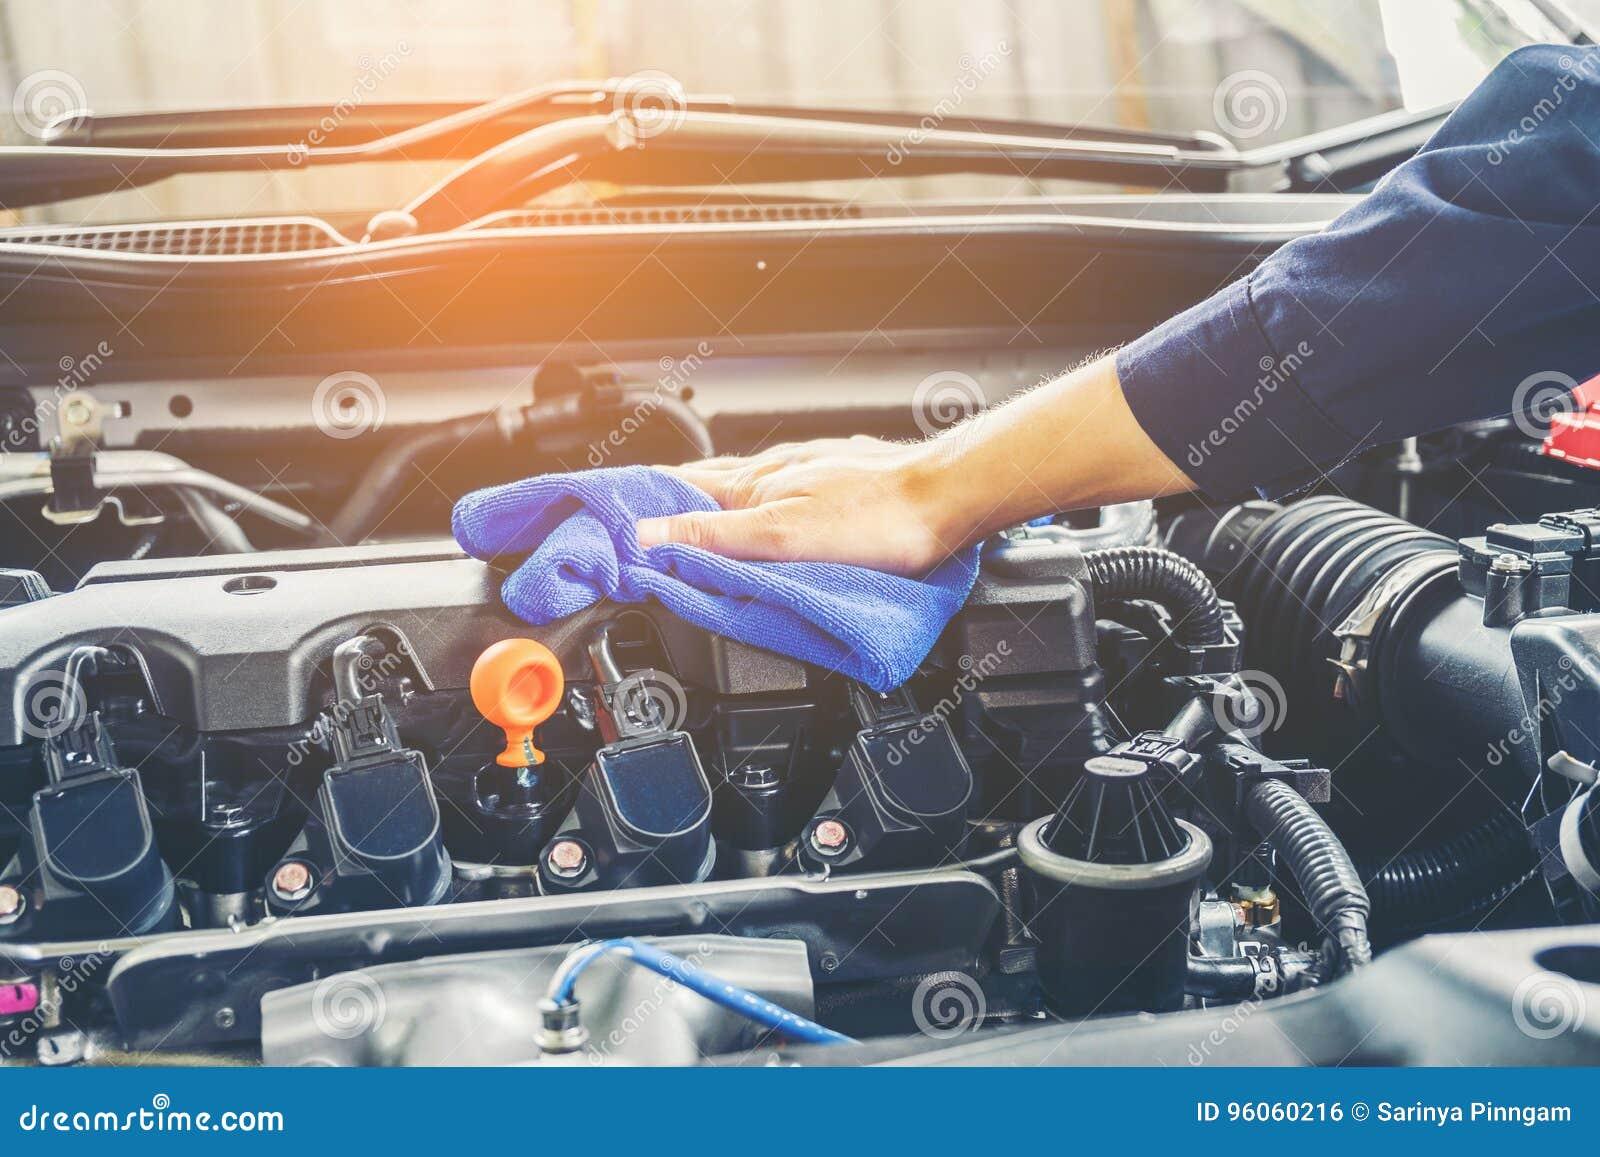 Moteur de voiture détaillant de nettoyage de série de voiture